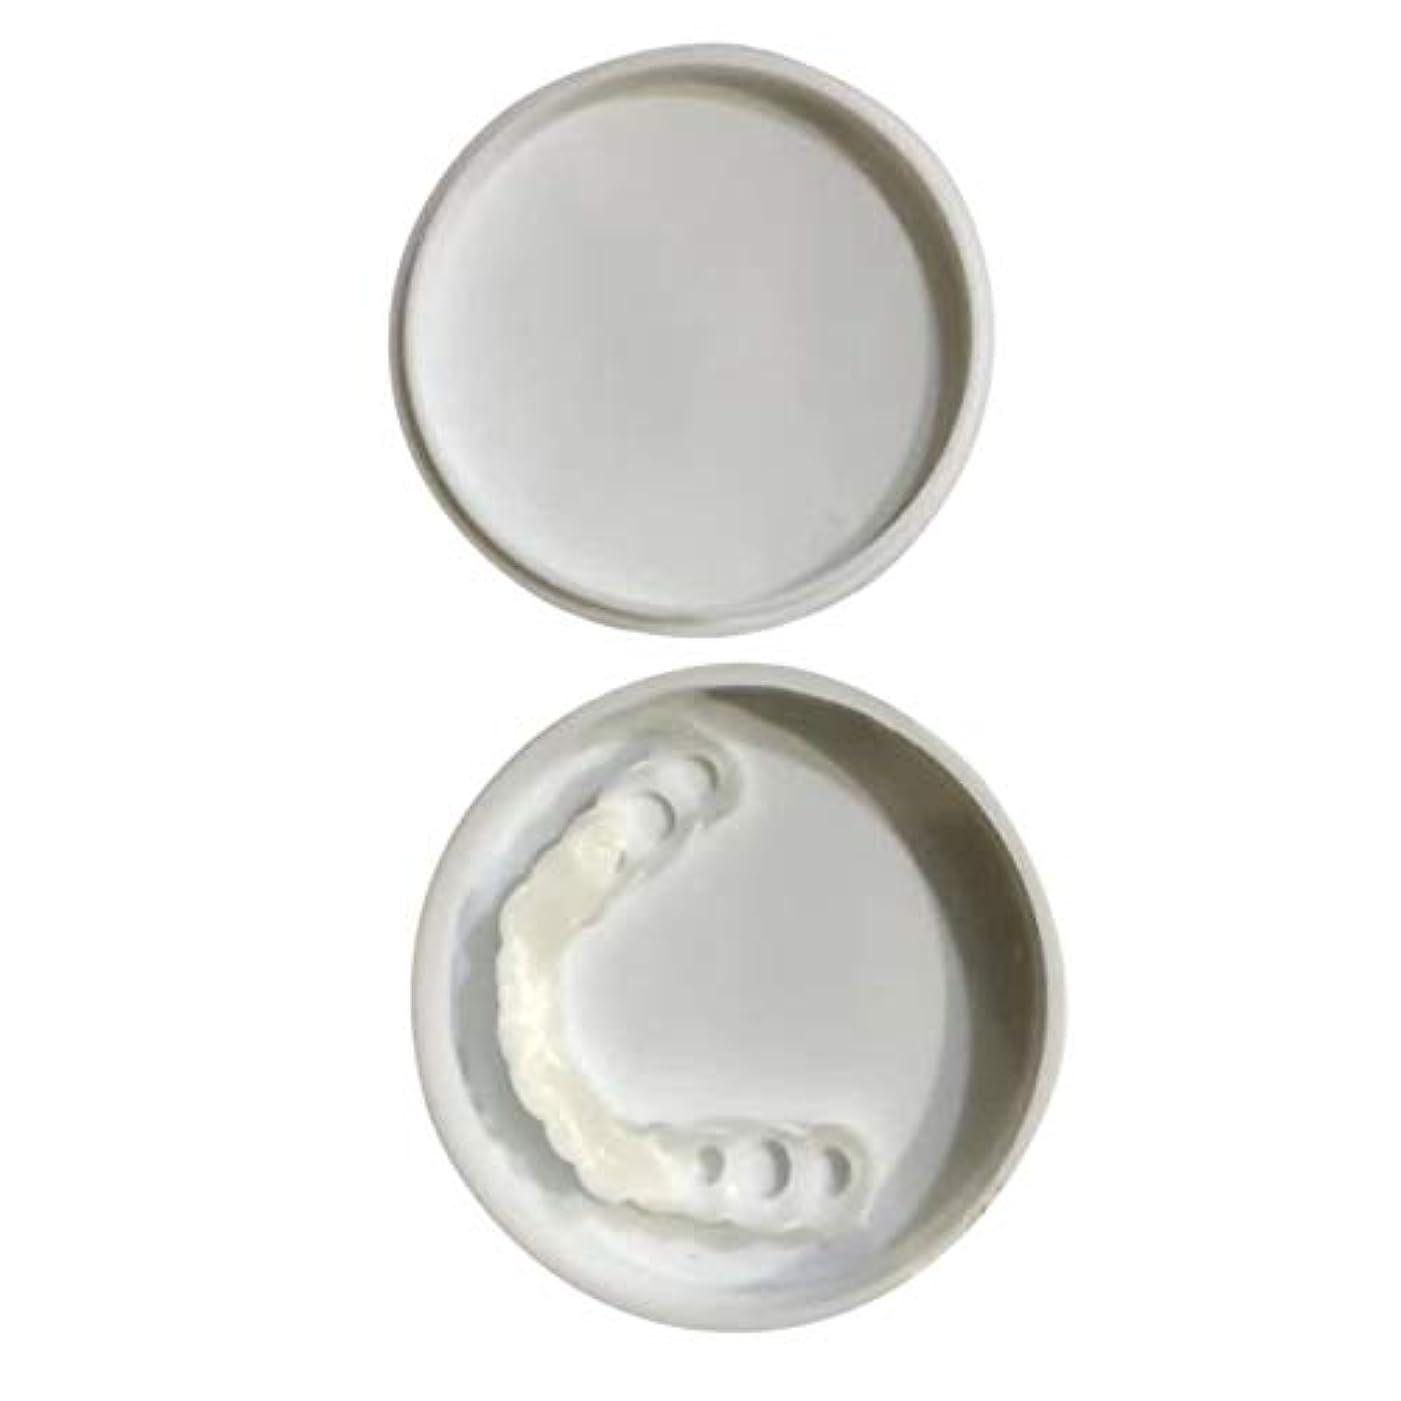 確かな先例注目すべき快適なスナップオン男性女性歯インスタントパーフェクトスマイルコンフォートフィットフレックス歯フィットホワイトニング笑顔偽歯カバー - ホワイト